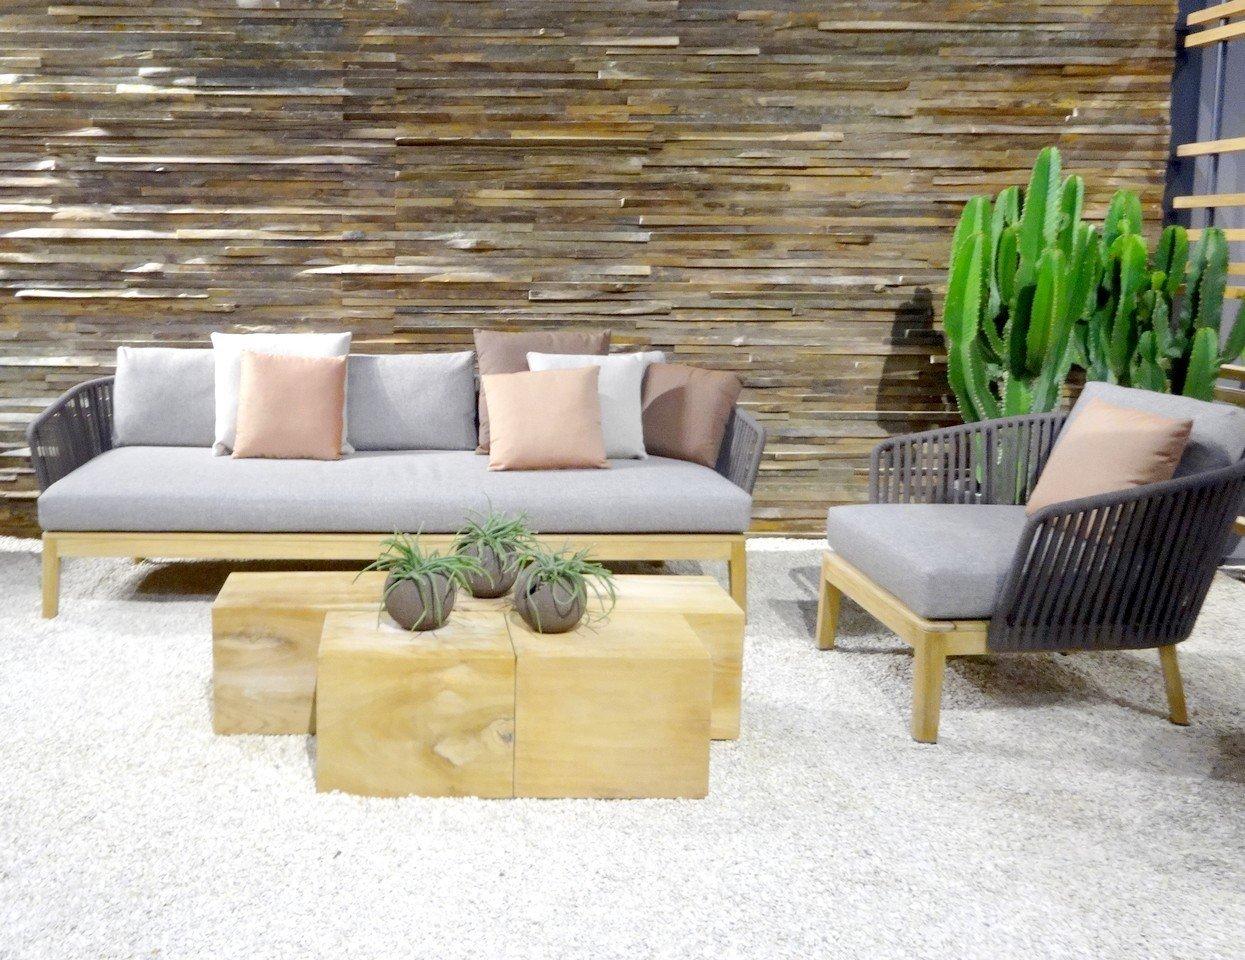 sofá nordico y poltrona nordica colores tonos grises y maderas a la vista